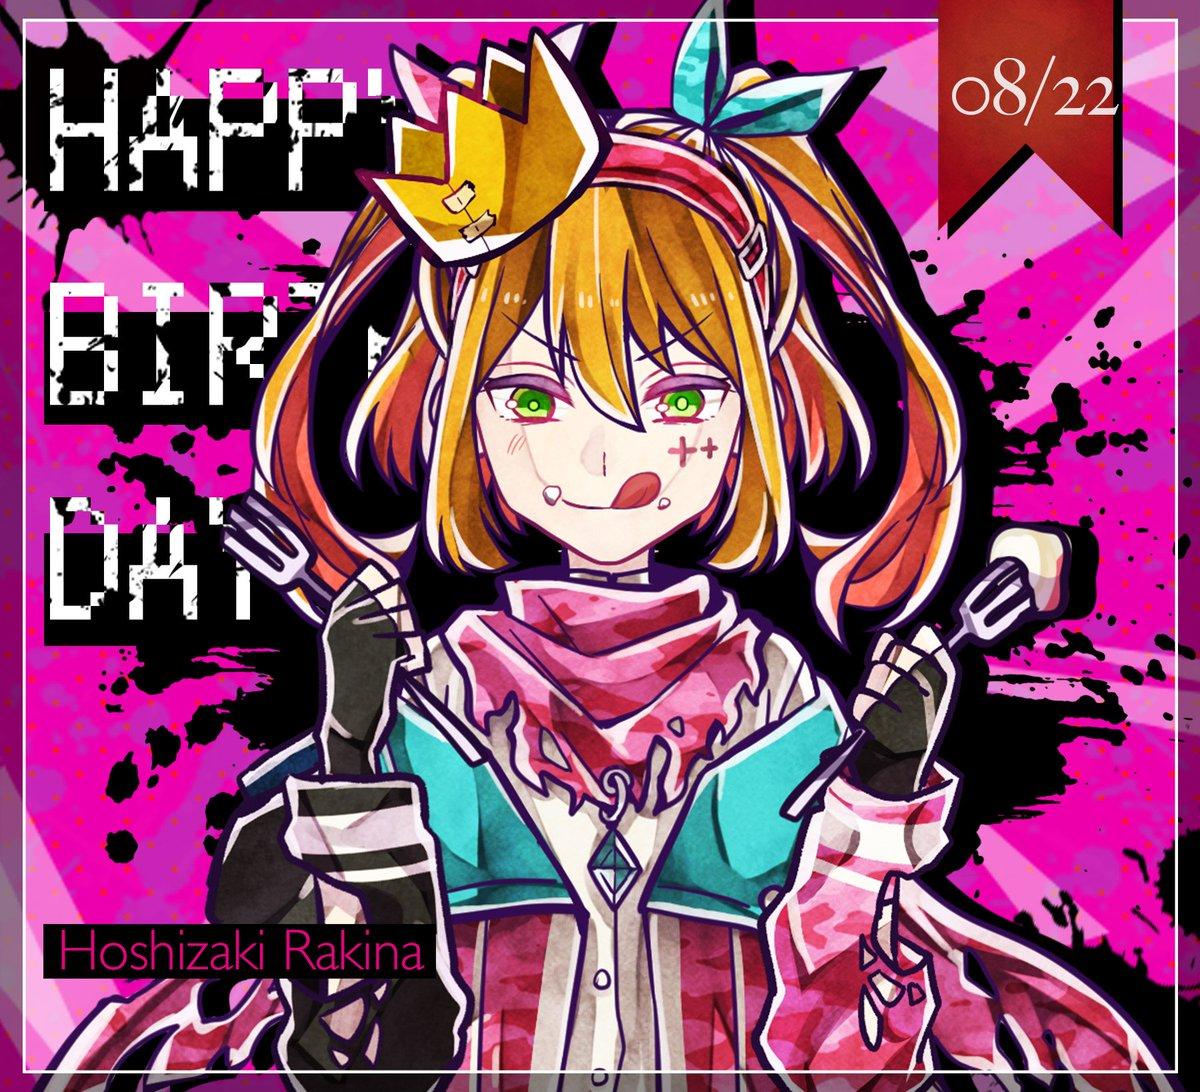 ラキナちゃん、お誕生日おめでとう😁🔫✨#イブプロP.S.スタわさスタッフがラキナちゃんの誕生日を9月22日と勘違いしていたため、投稿が遅れてしまいました🙇ラキナちゃん好きのみんな、ごめんね😥